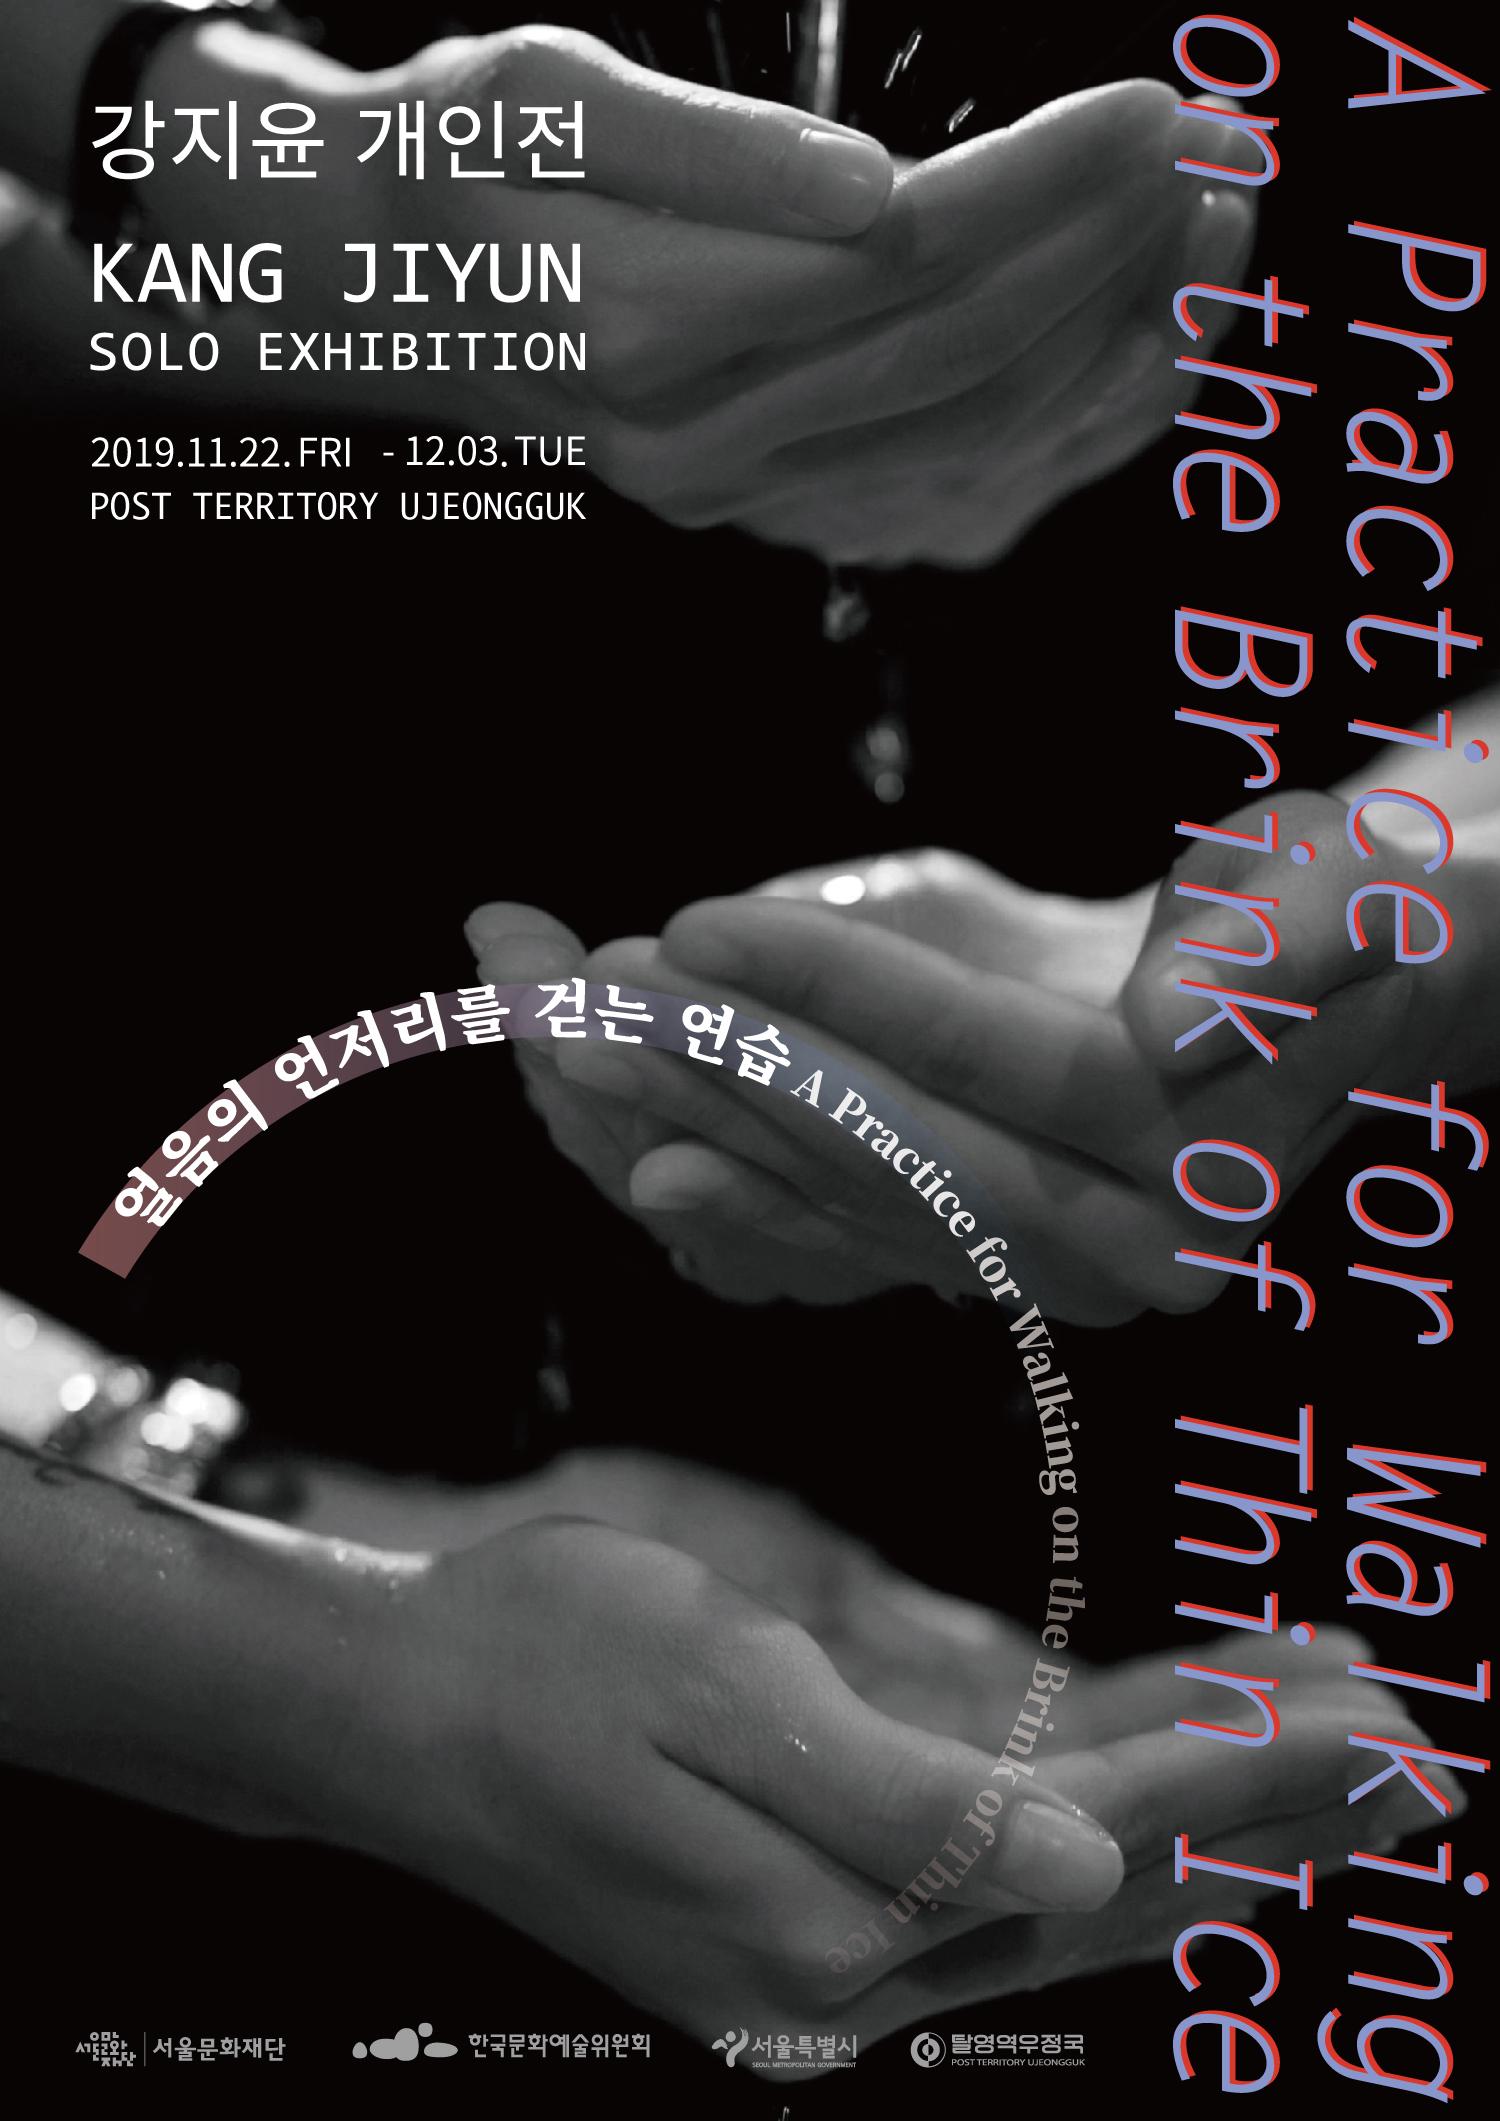 강지윤 개인전 포스터